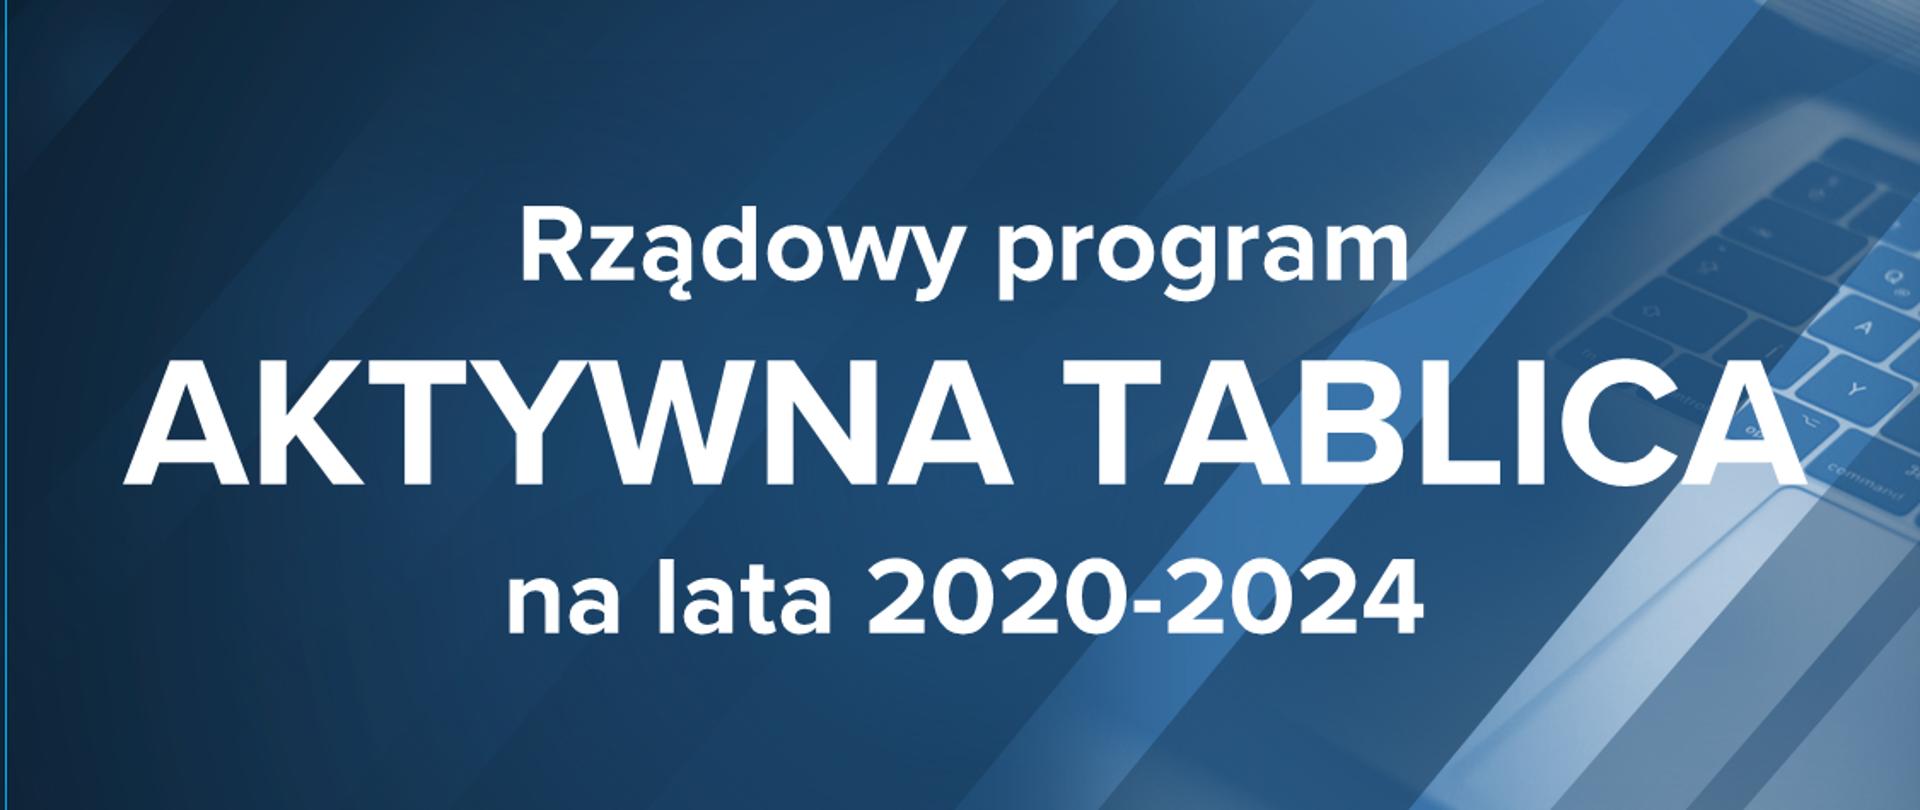 """Ciemnoniebieska grafika z tekstem – Rządowy program """"Aktywna tablica"""" na lata 2020-2024"""